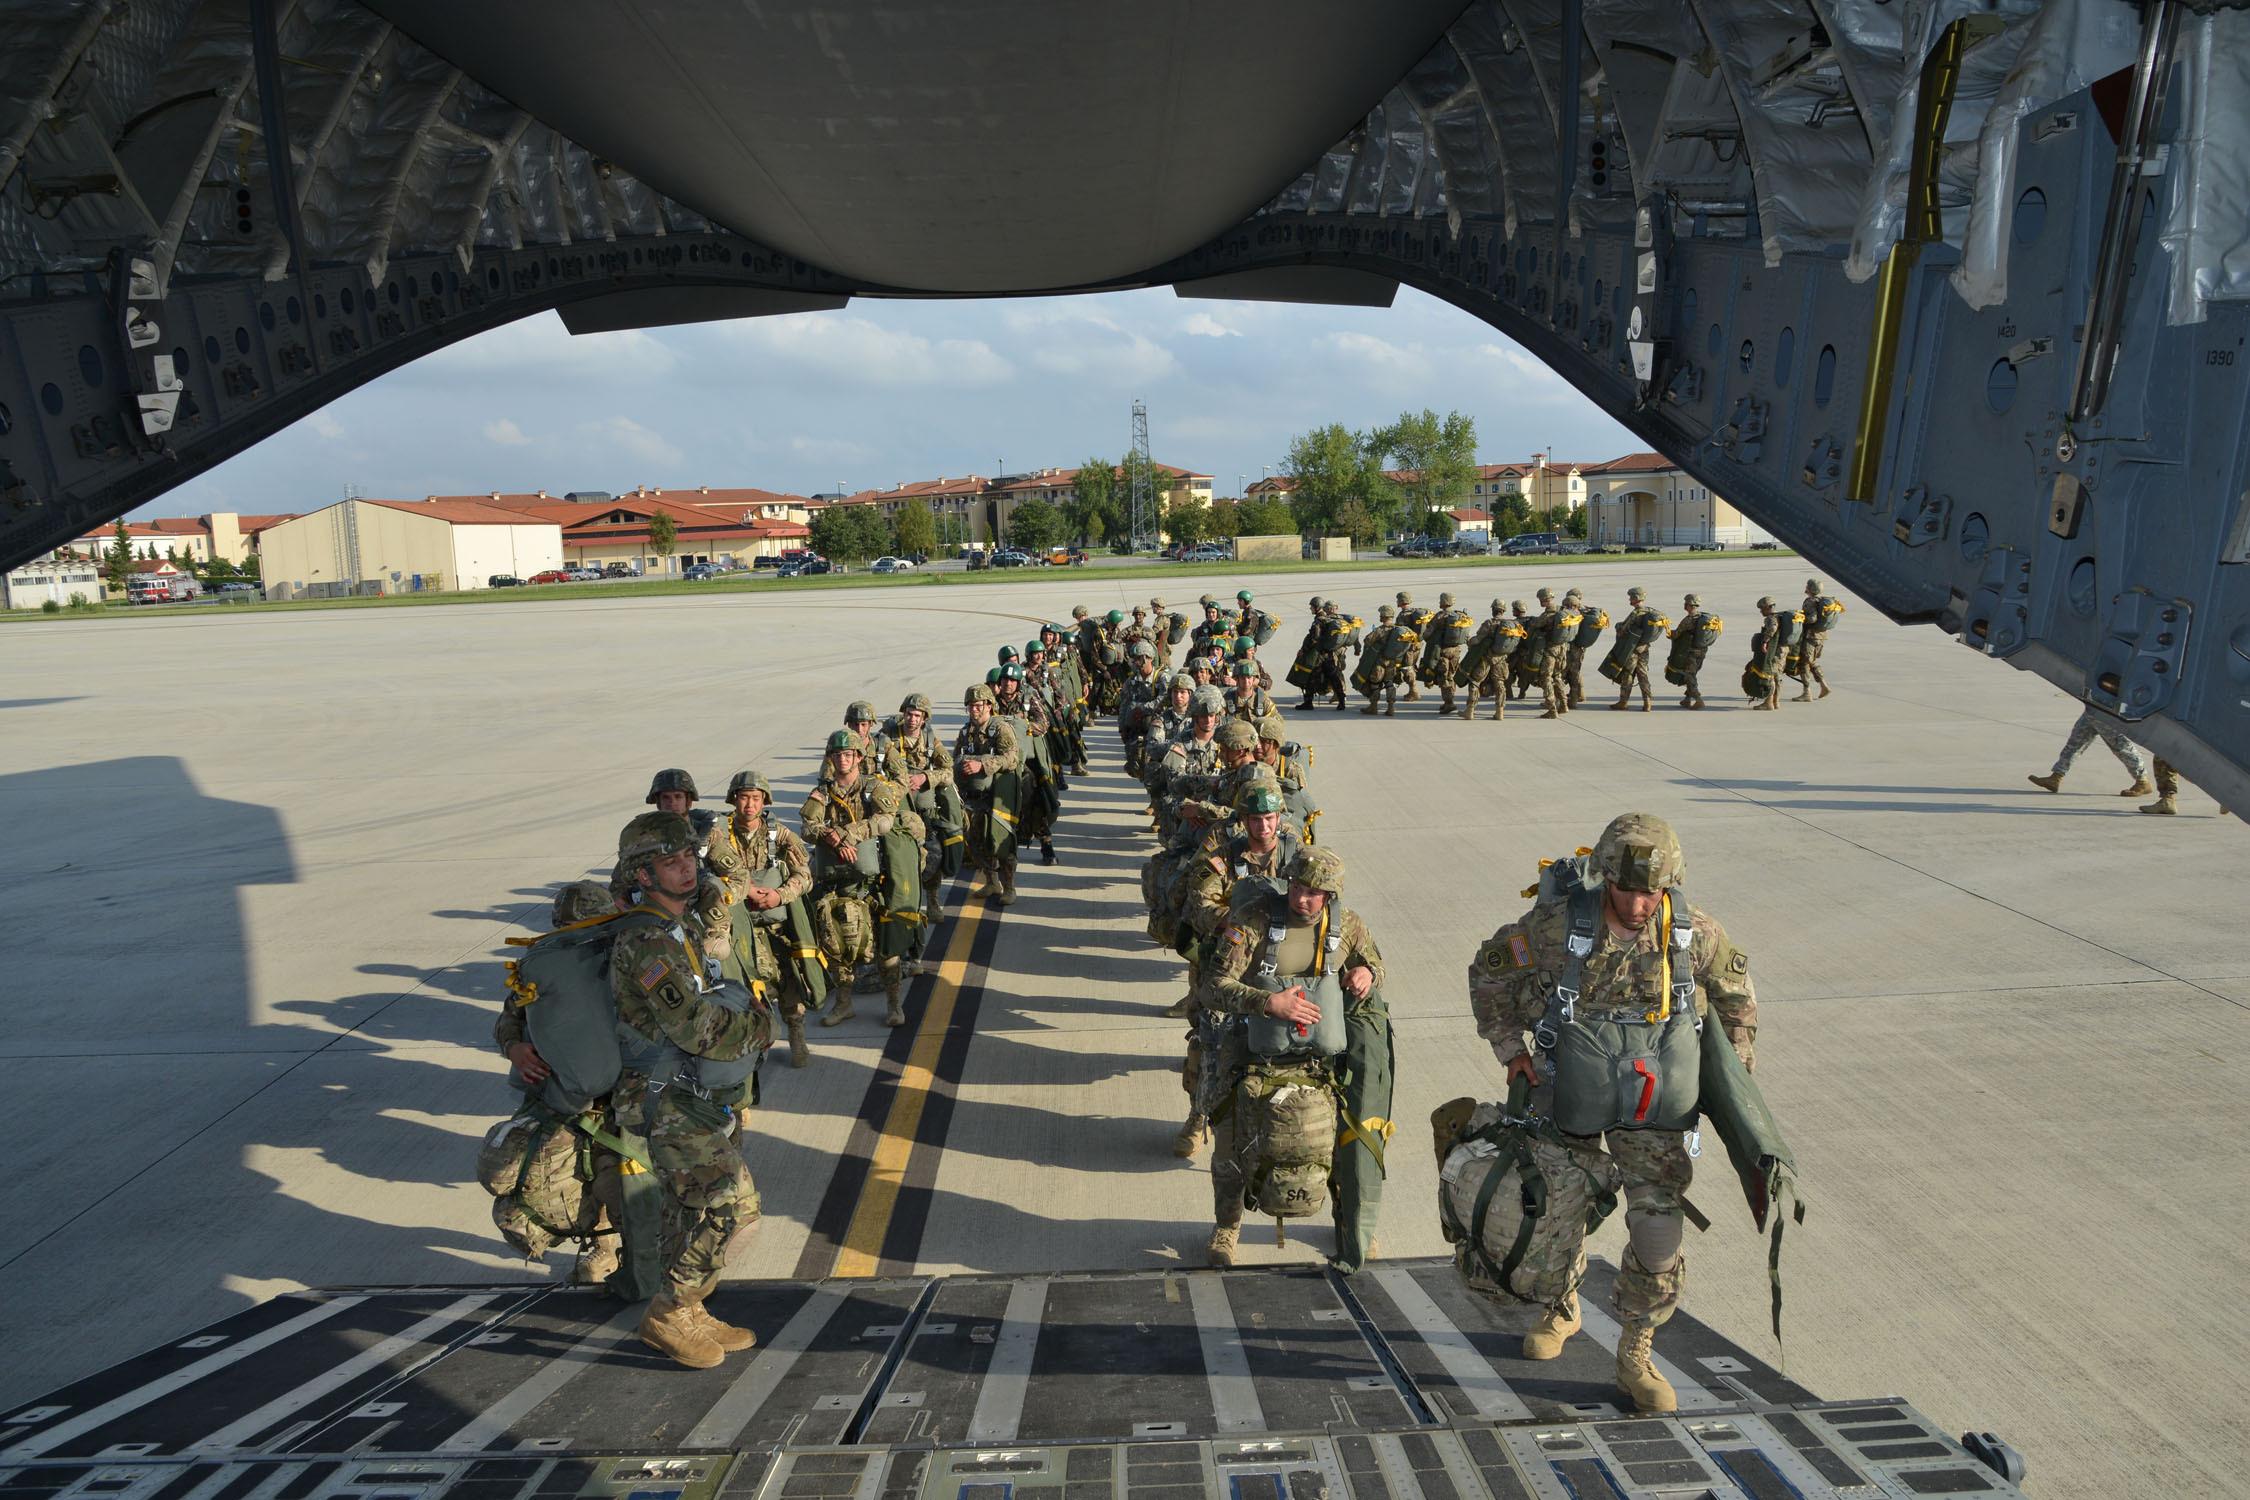 Risultati immagini per us military base italy